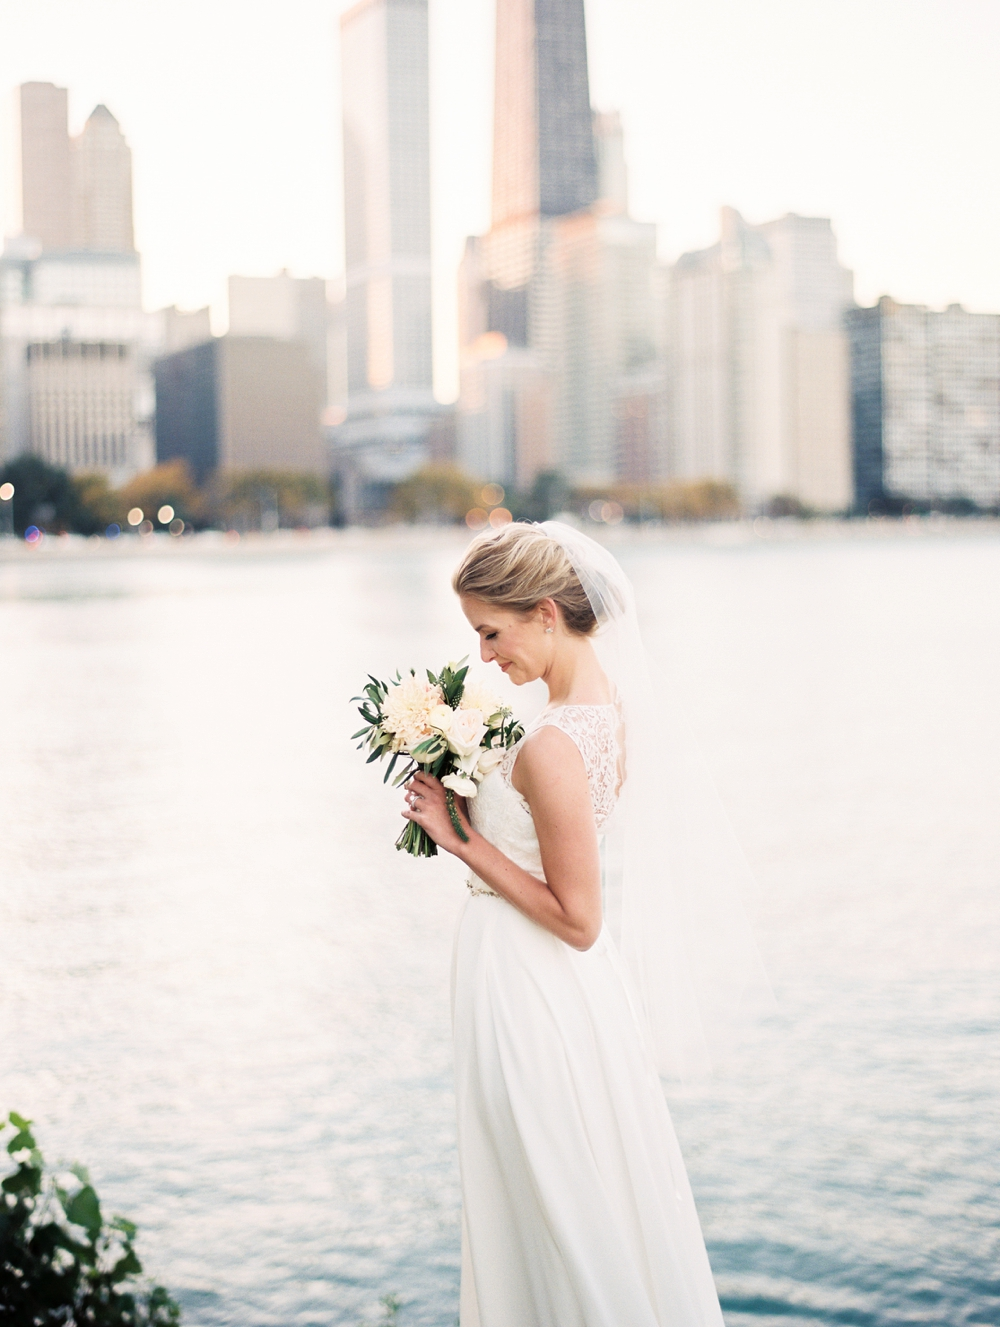 kristin-la-voie-photography-bridgeport-art-center-wedding-chicago-wedding-photographer-120.jpg